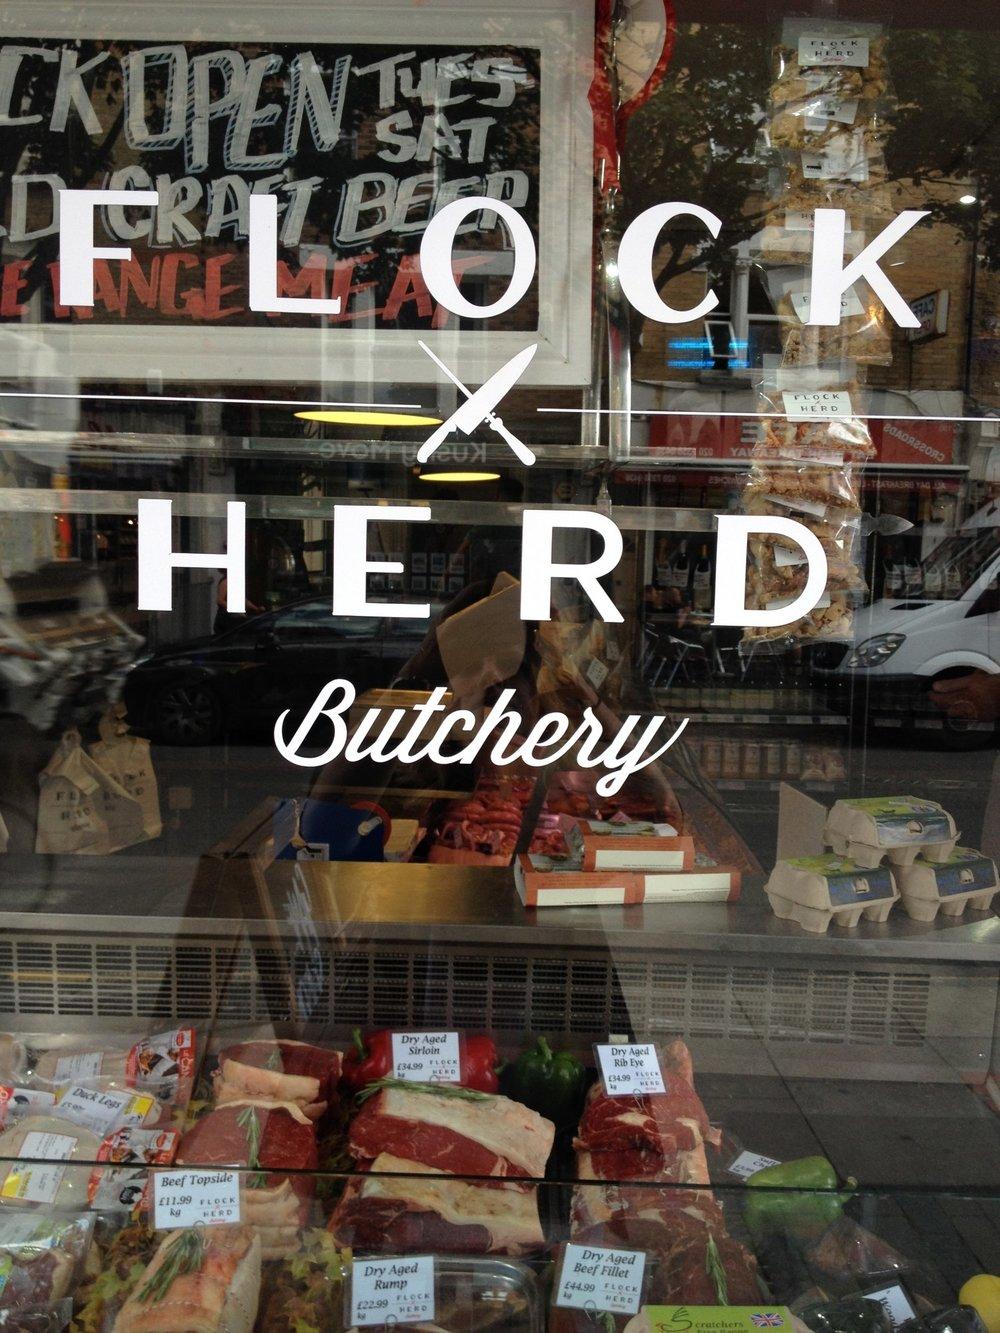 Flock and Herd - Butchers.jpg